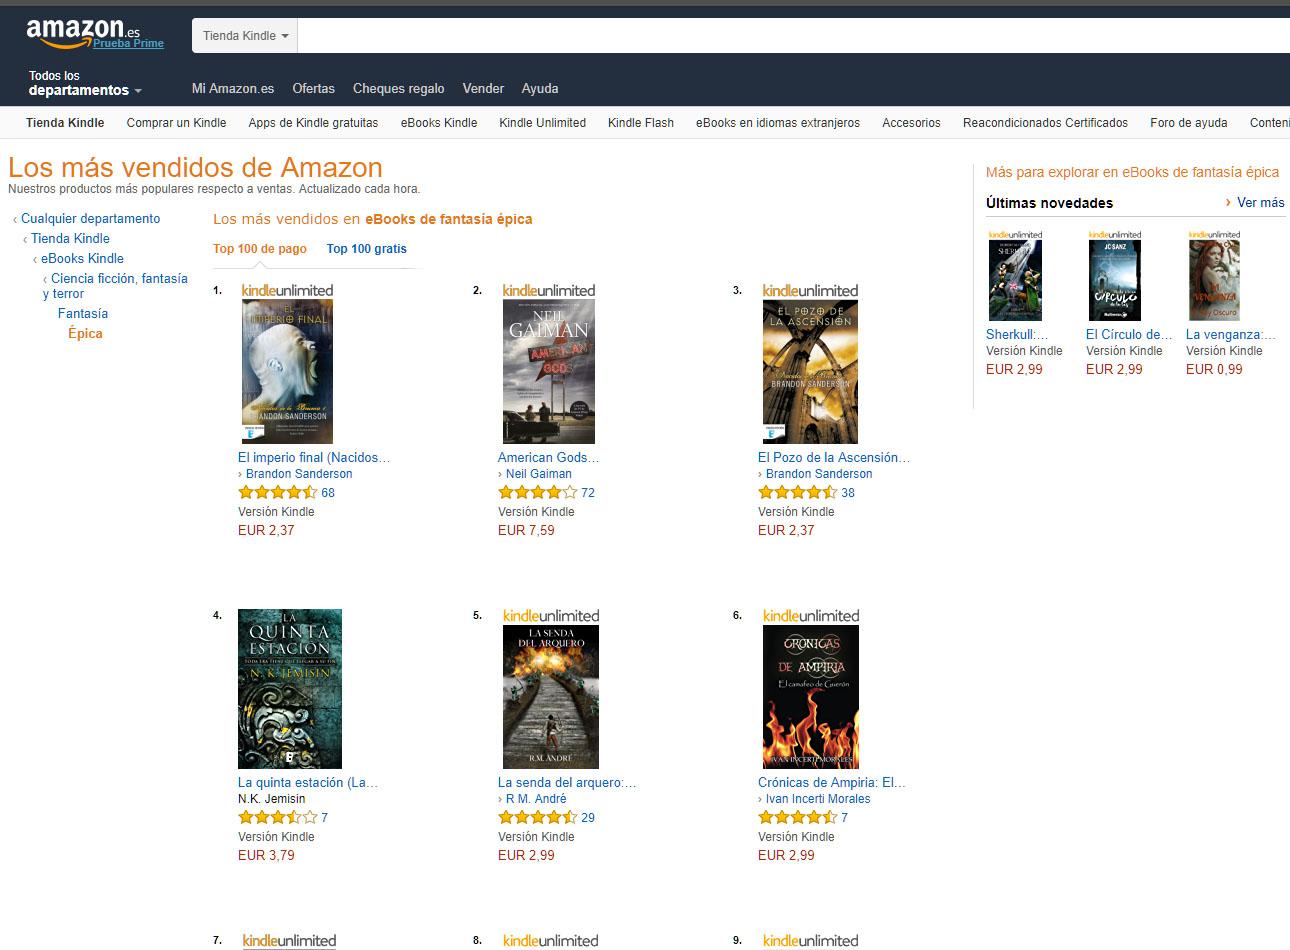 Crónicas de Ampiria: Top 10 de fantasía épica en Amazon